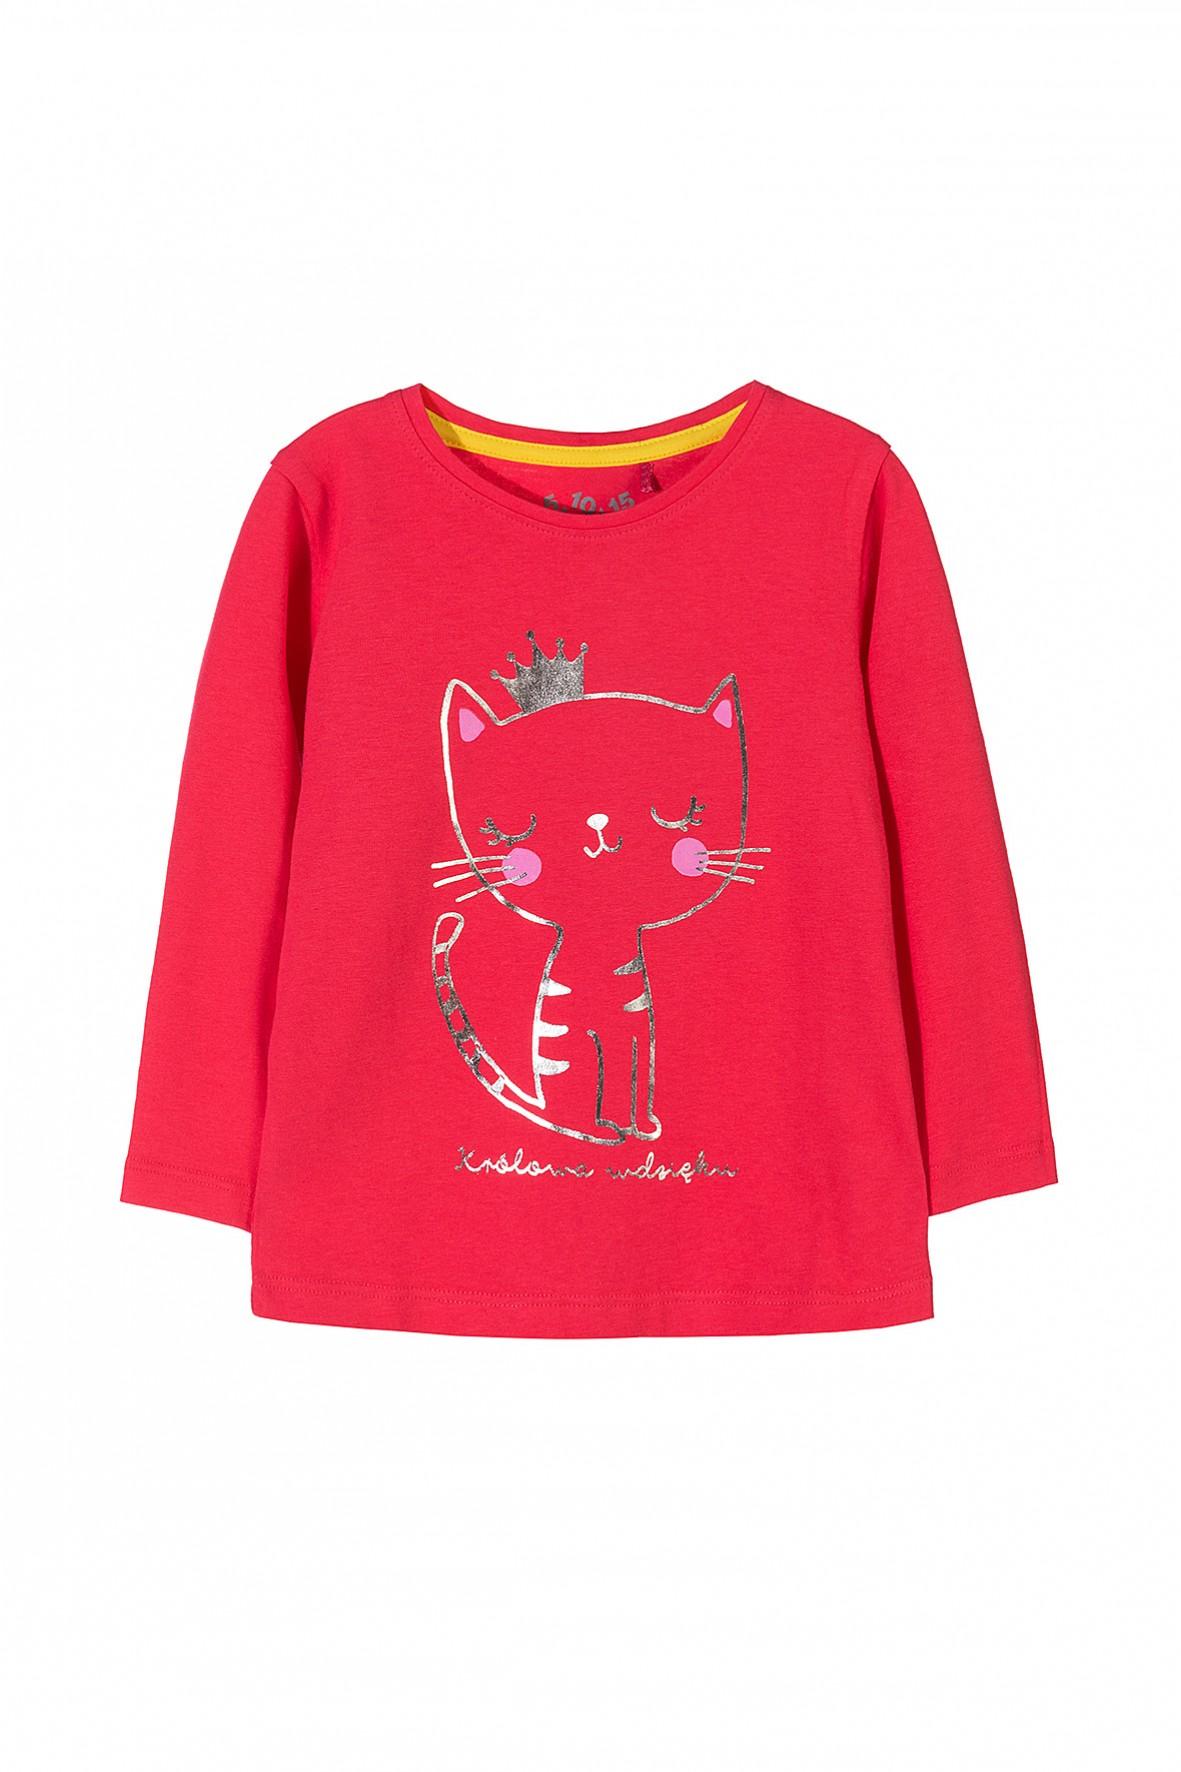 73261a7755 Różowa bluzka z długim rękawem dla dziewczynki ozdobiona nadrukiem ...